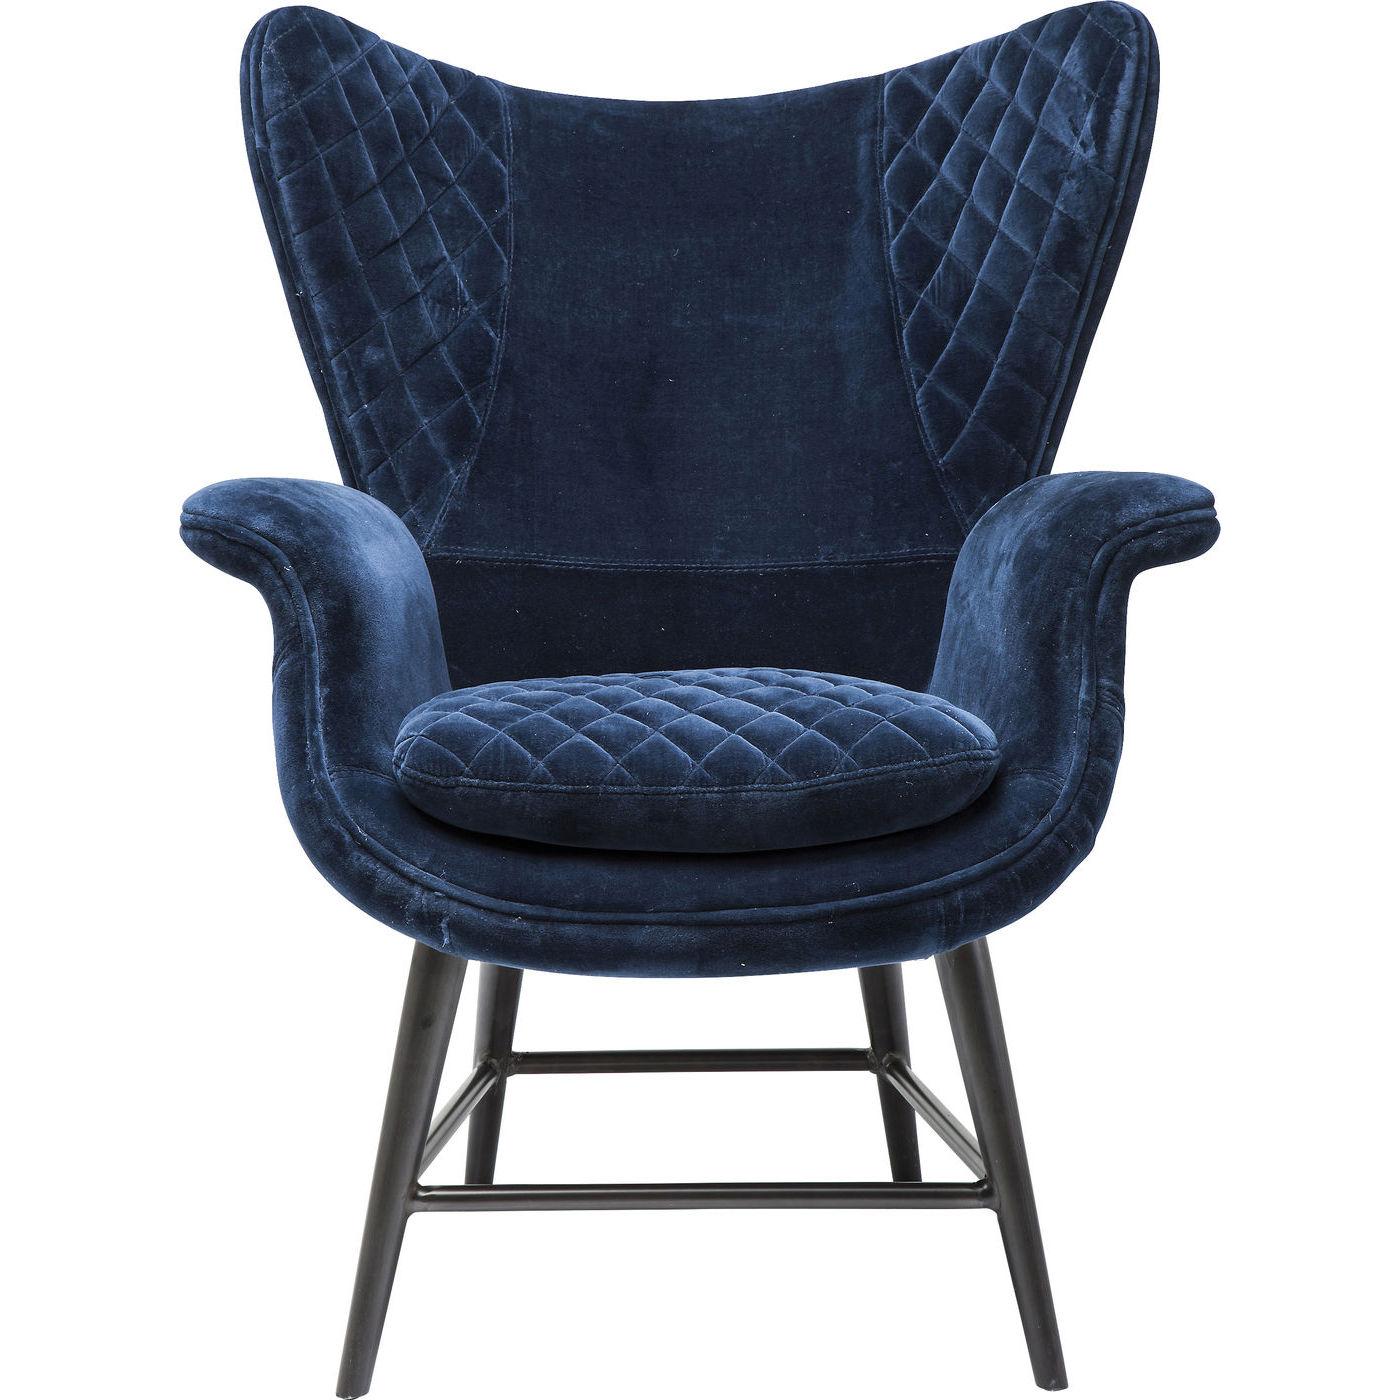 Kare design tudor blue velvet hvilestol - blå fløjl, m. armlæn fra kare design på boboonline.dk